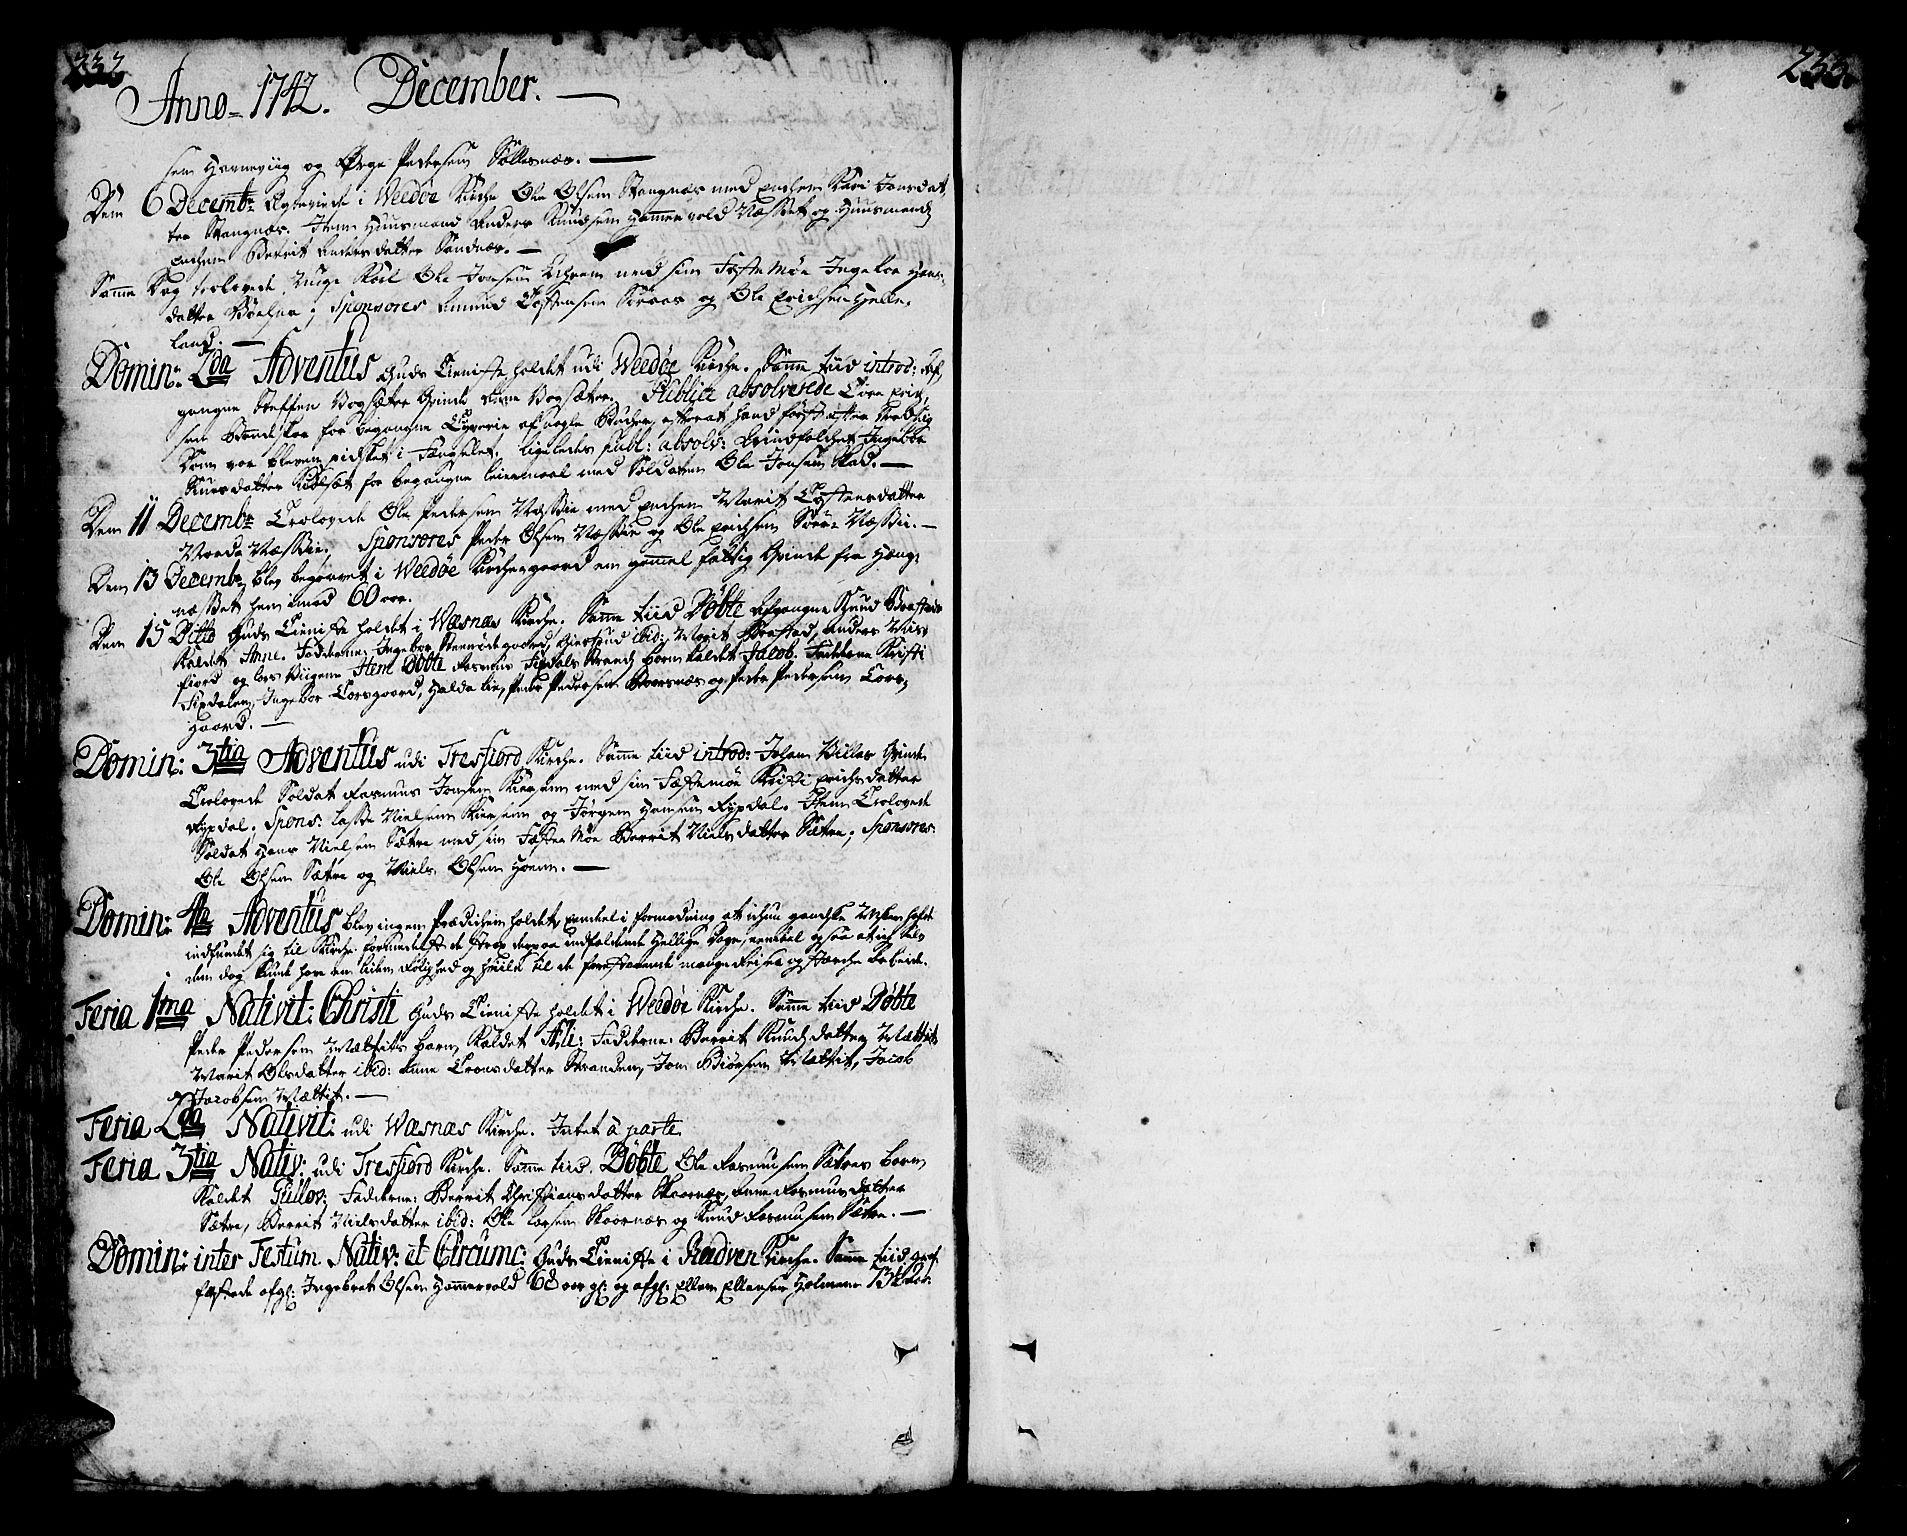 SAT, Ministerialprotokoller, klokkerbøker og fødselsregistre - Møre og Romsdal, 547/L0599: Ministerialbok nr. 547A01, 1721-1764, s. 232-233